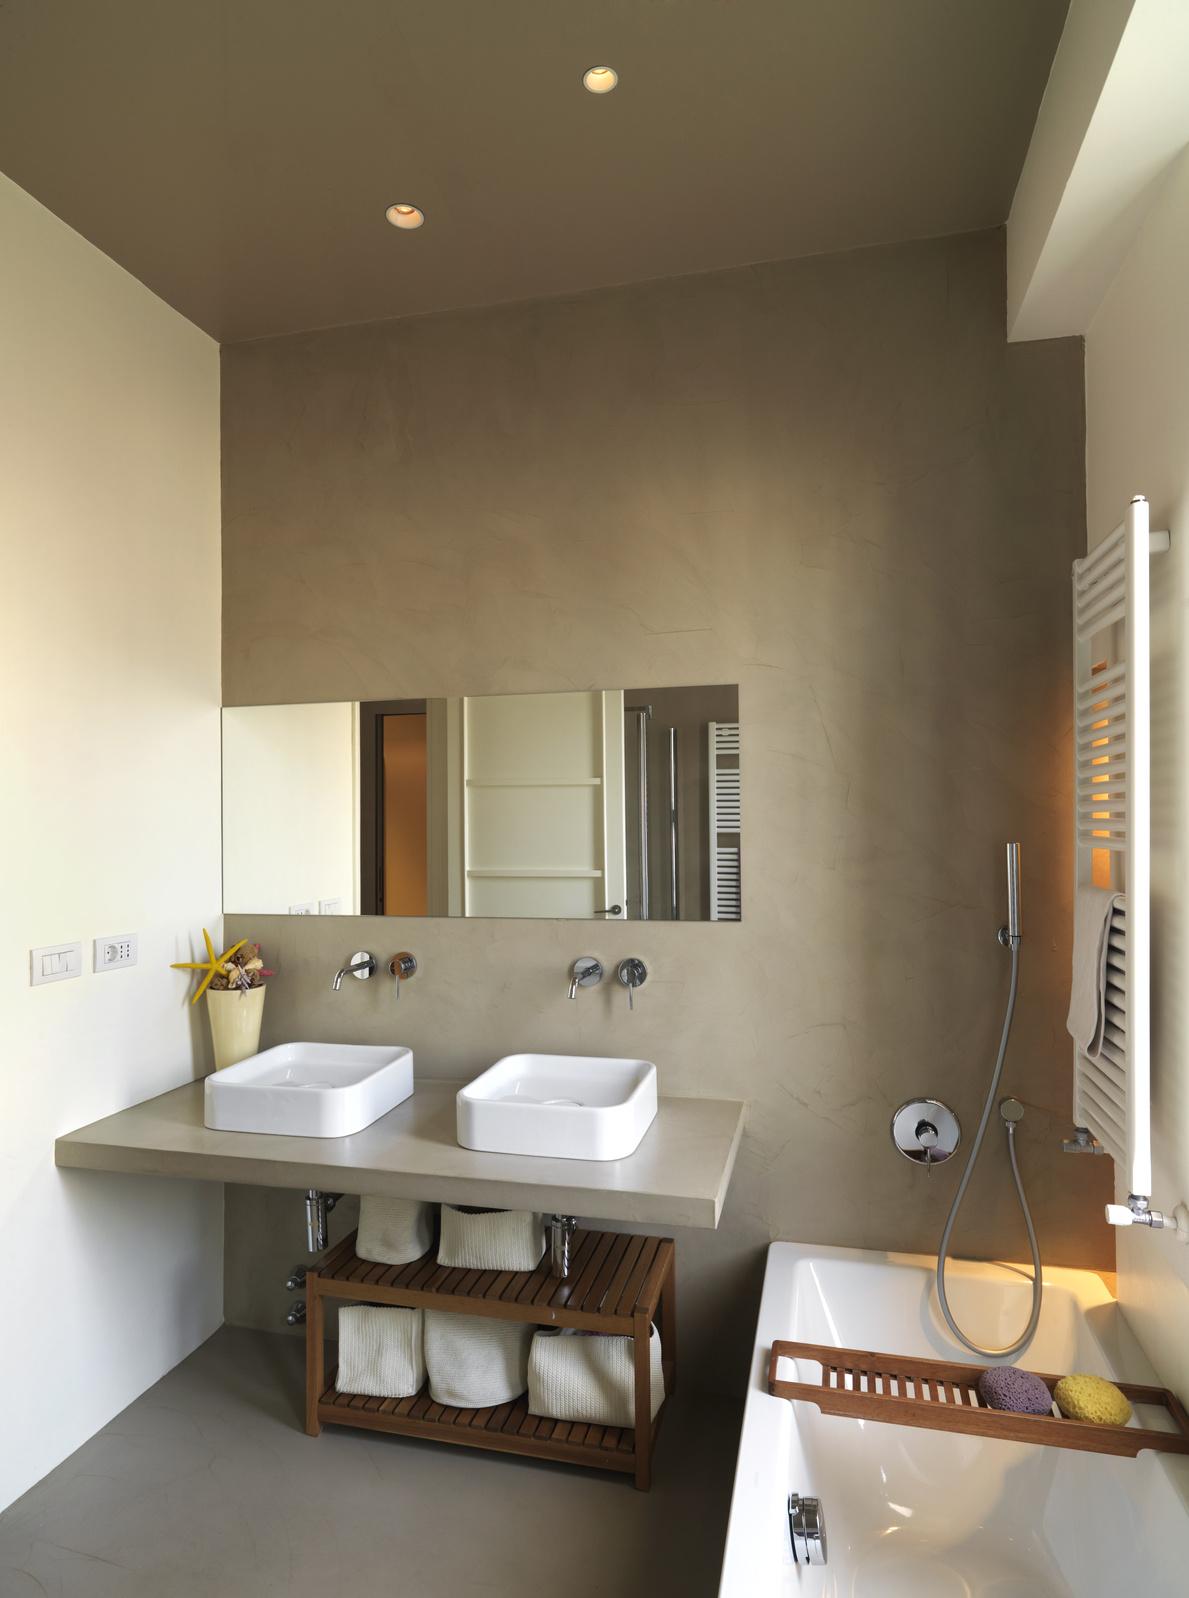 lavandini per bagno con mobile. lavandini per bagno con mobile ... - Lavandino Con Mobiletto Per Bagno